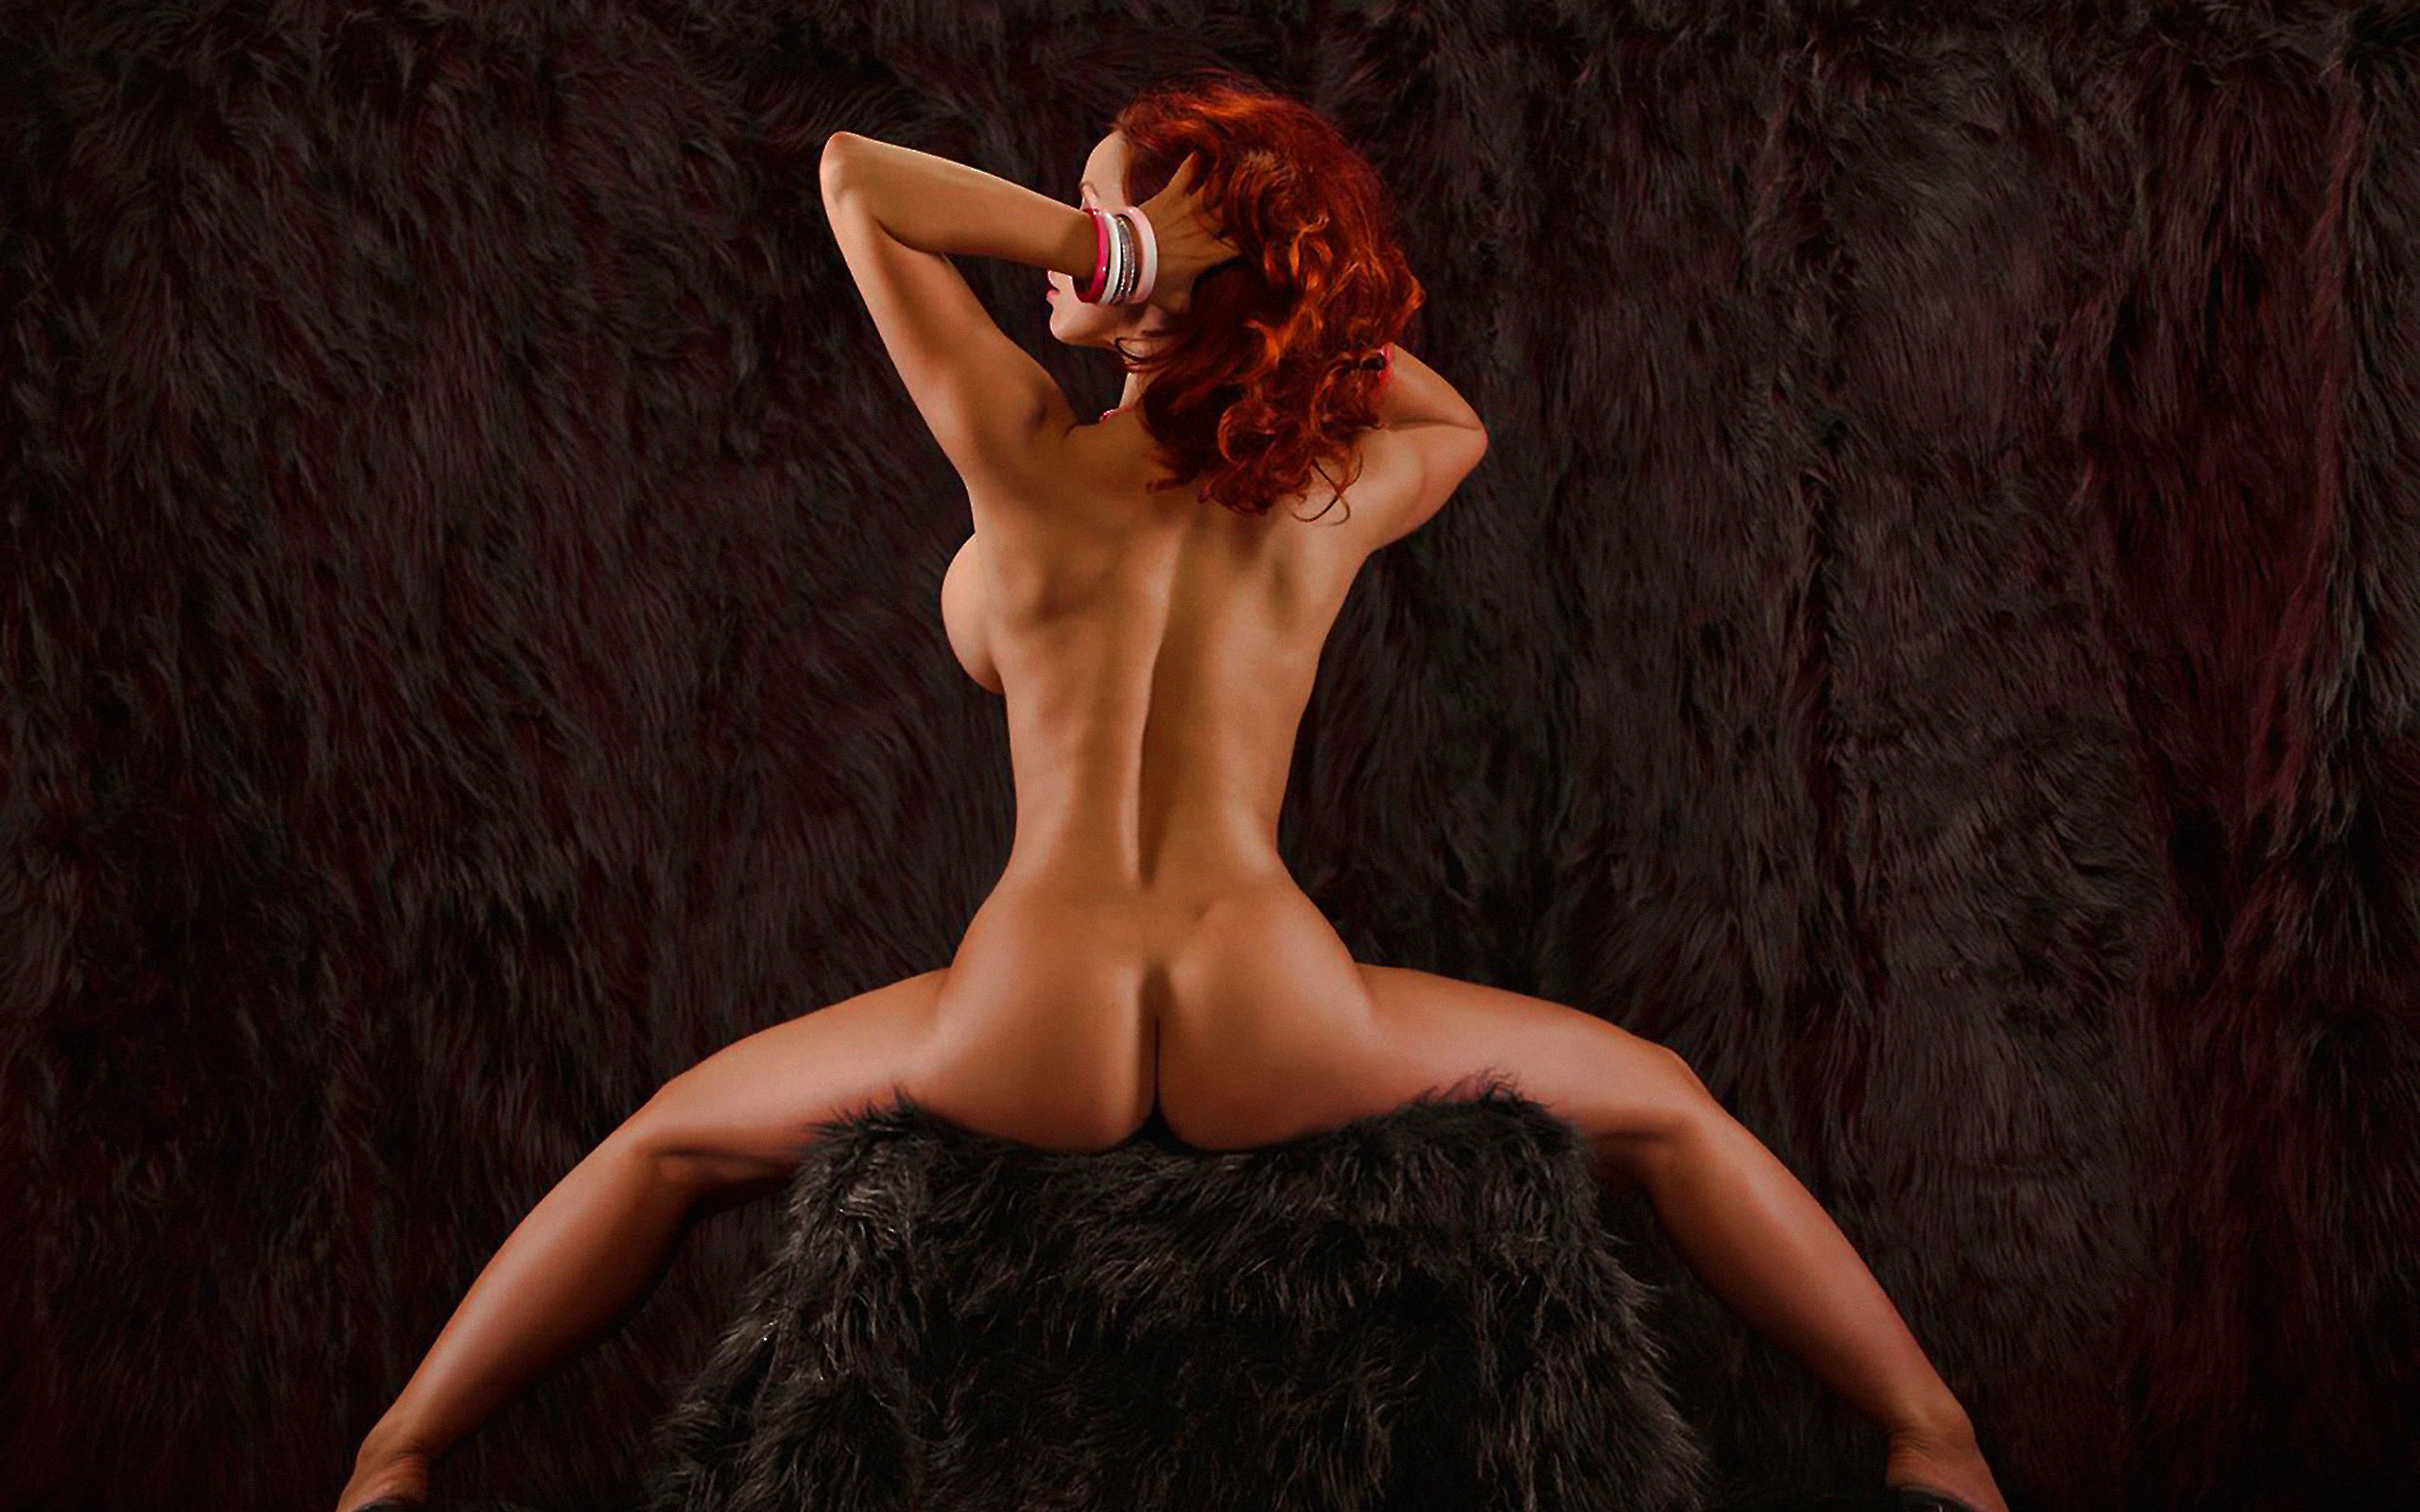 Фото эротические спины девушек 11 фотография